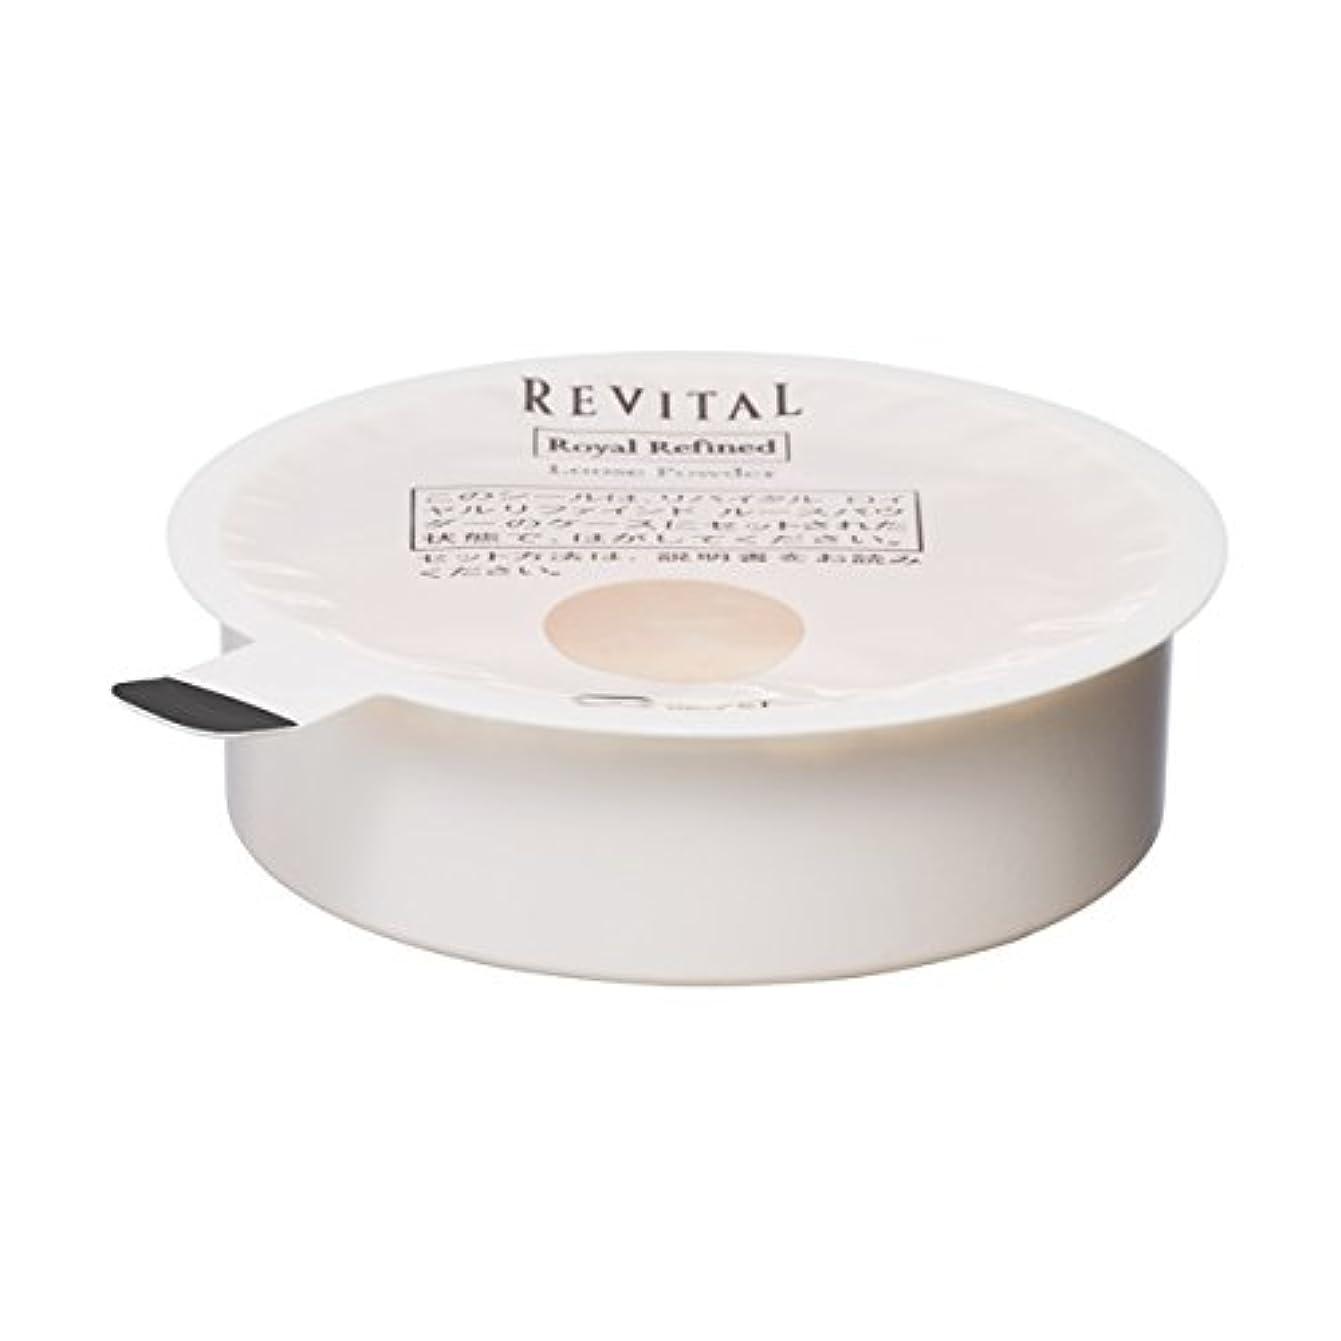 私達サイレント窒息させるリバイタル ロイヤルリファインド ルースパウダー ピーチベール (レフィル) 30g